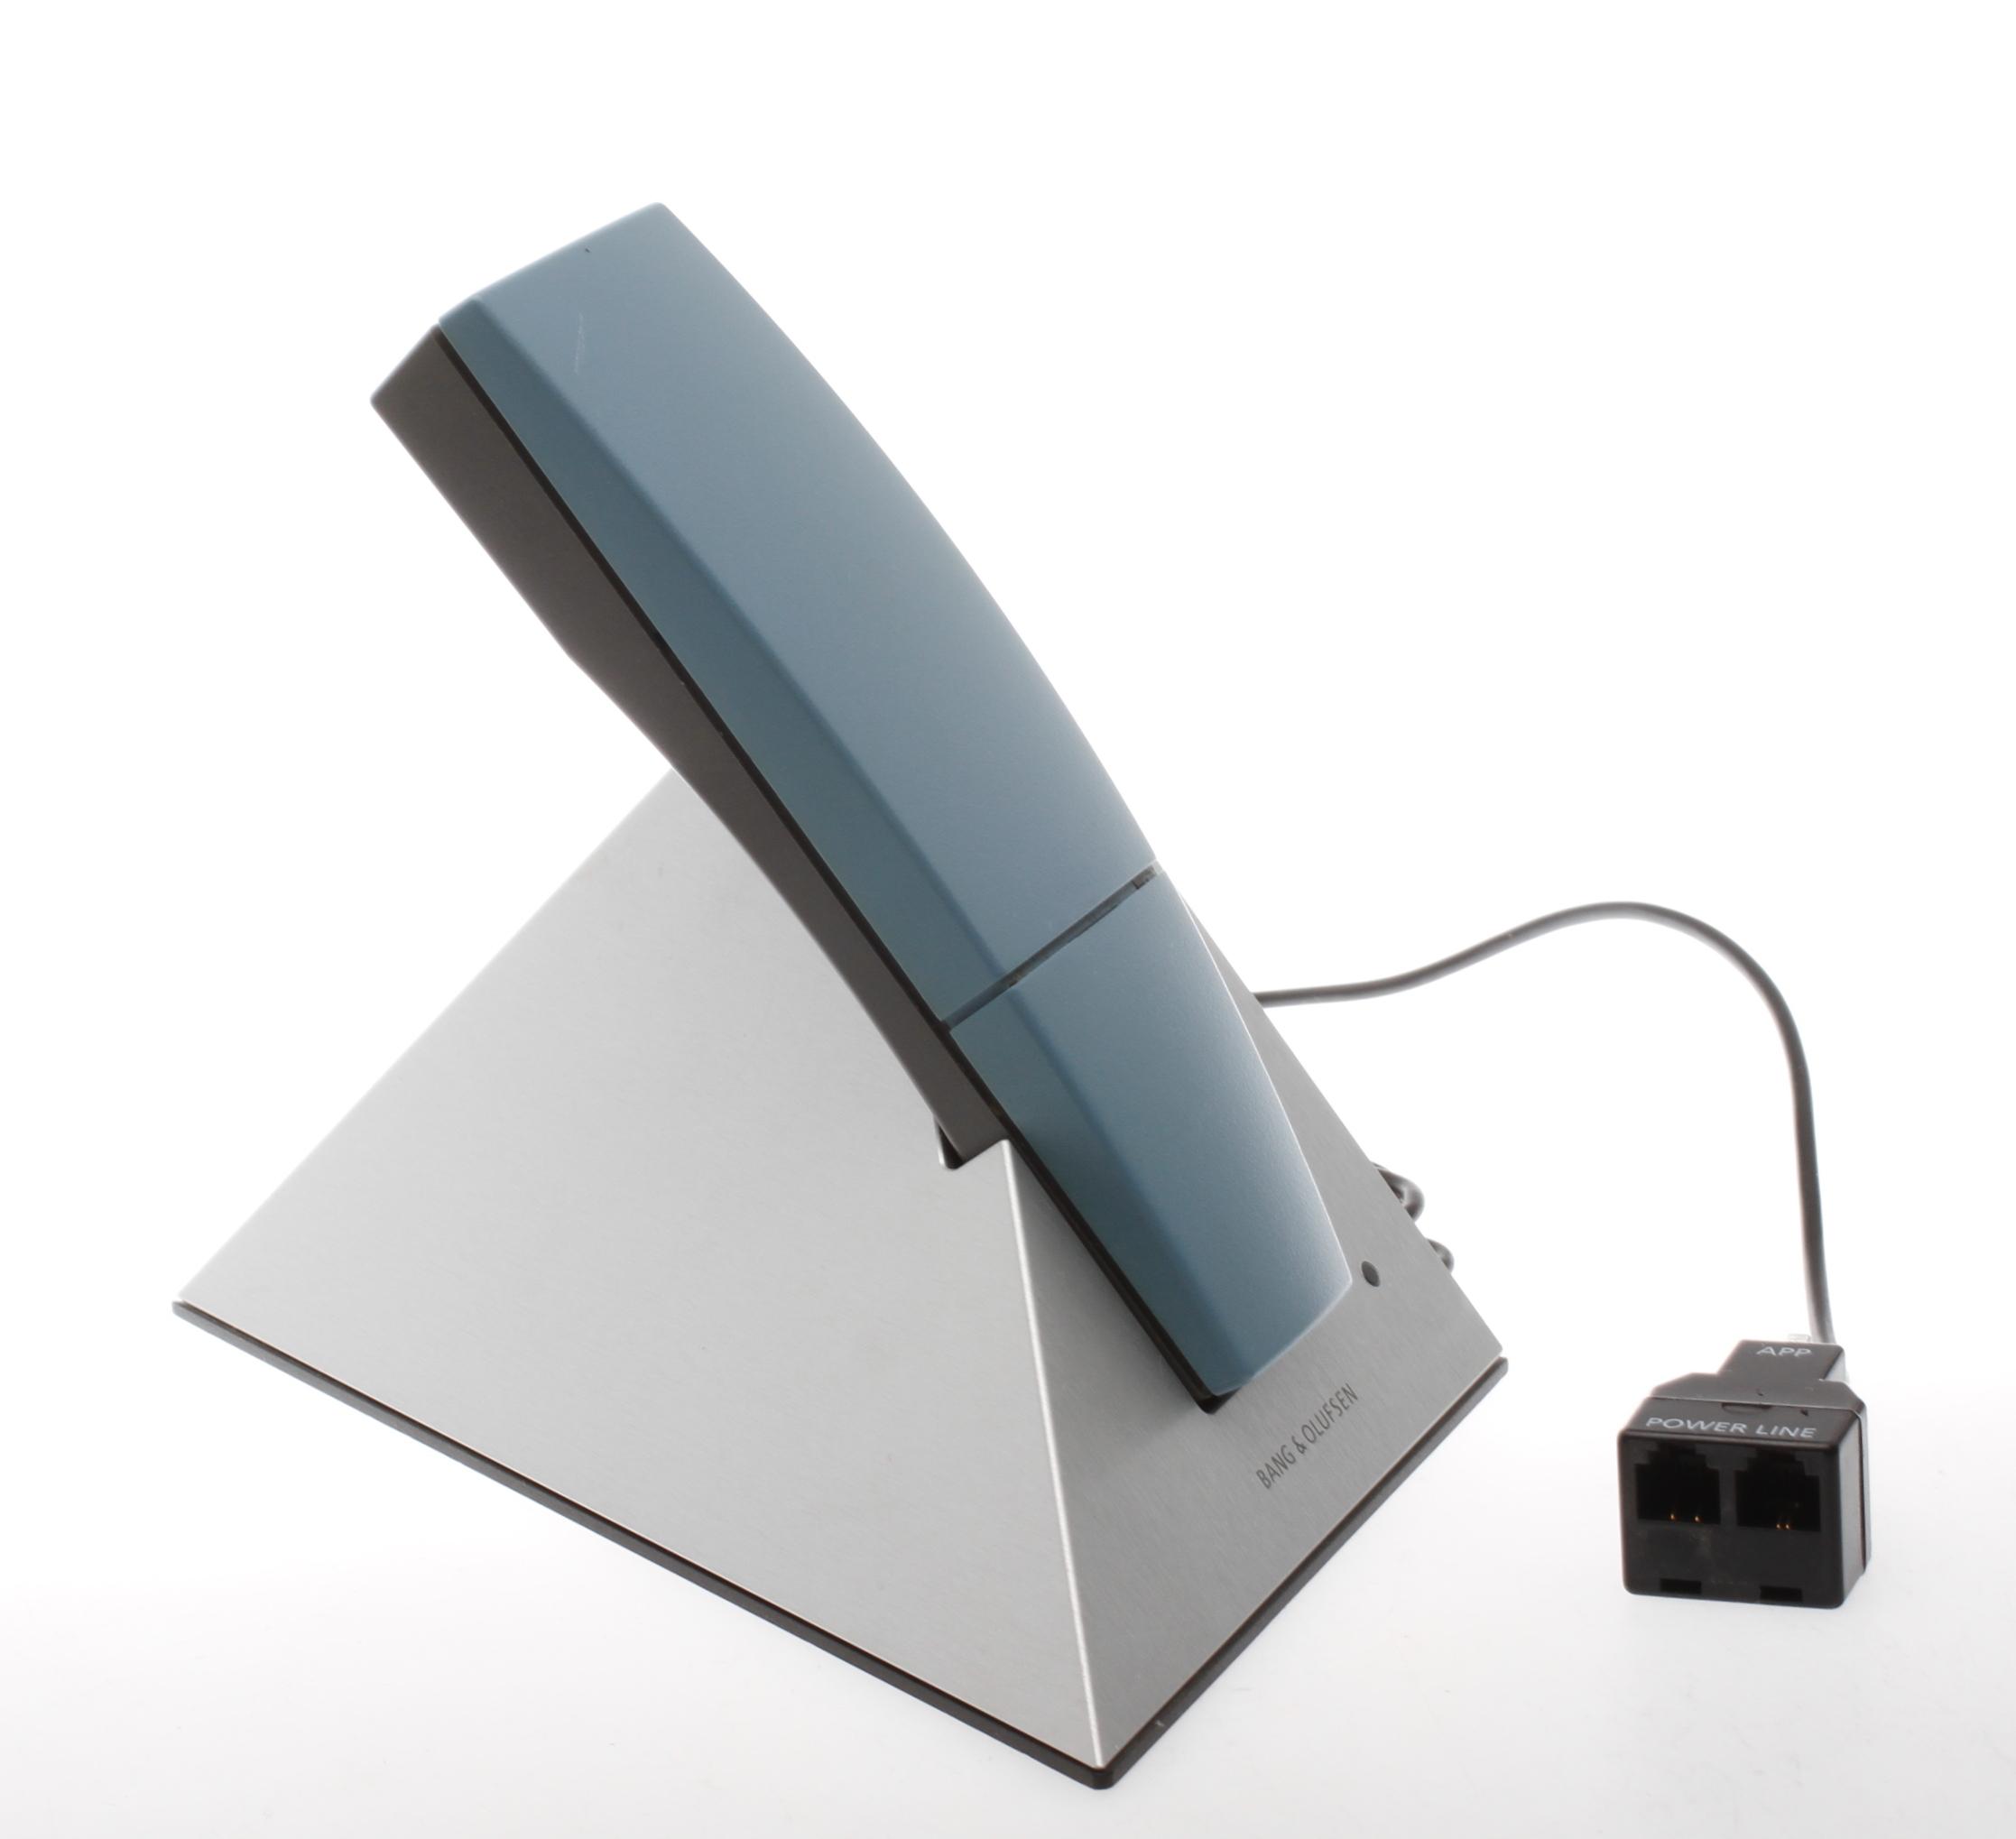 images for 50229 bordstelefon beocom 6000 bang olufsen auctionet. Black Bedroom Furniture Sets. Home Design Ideas